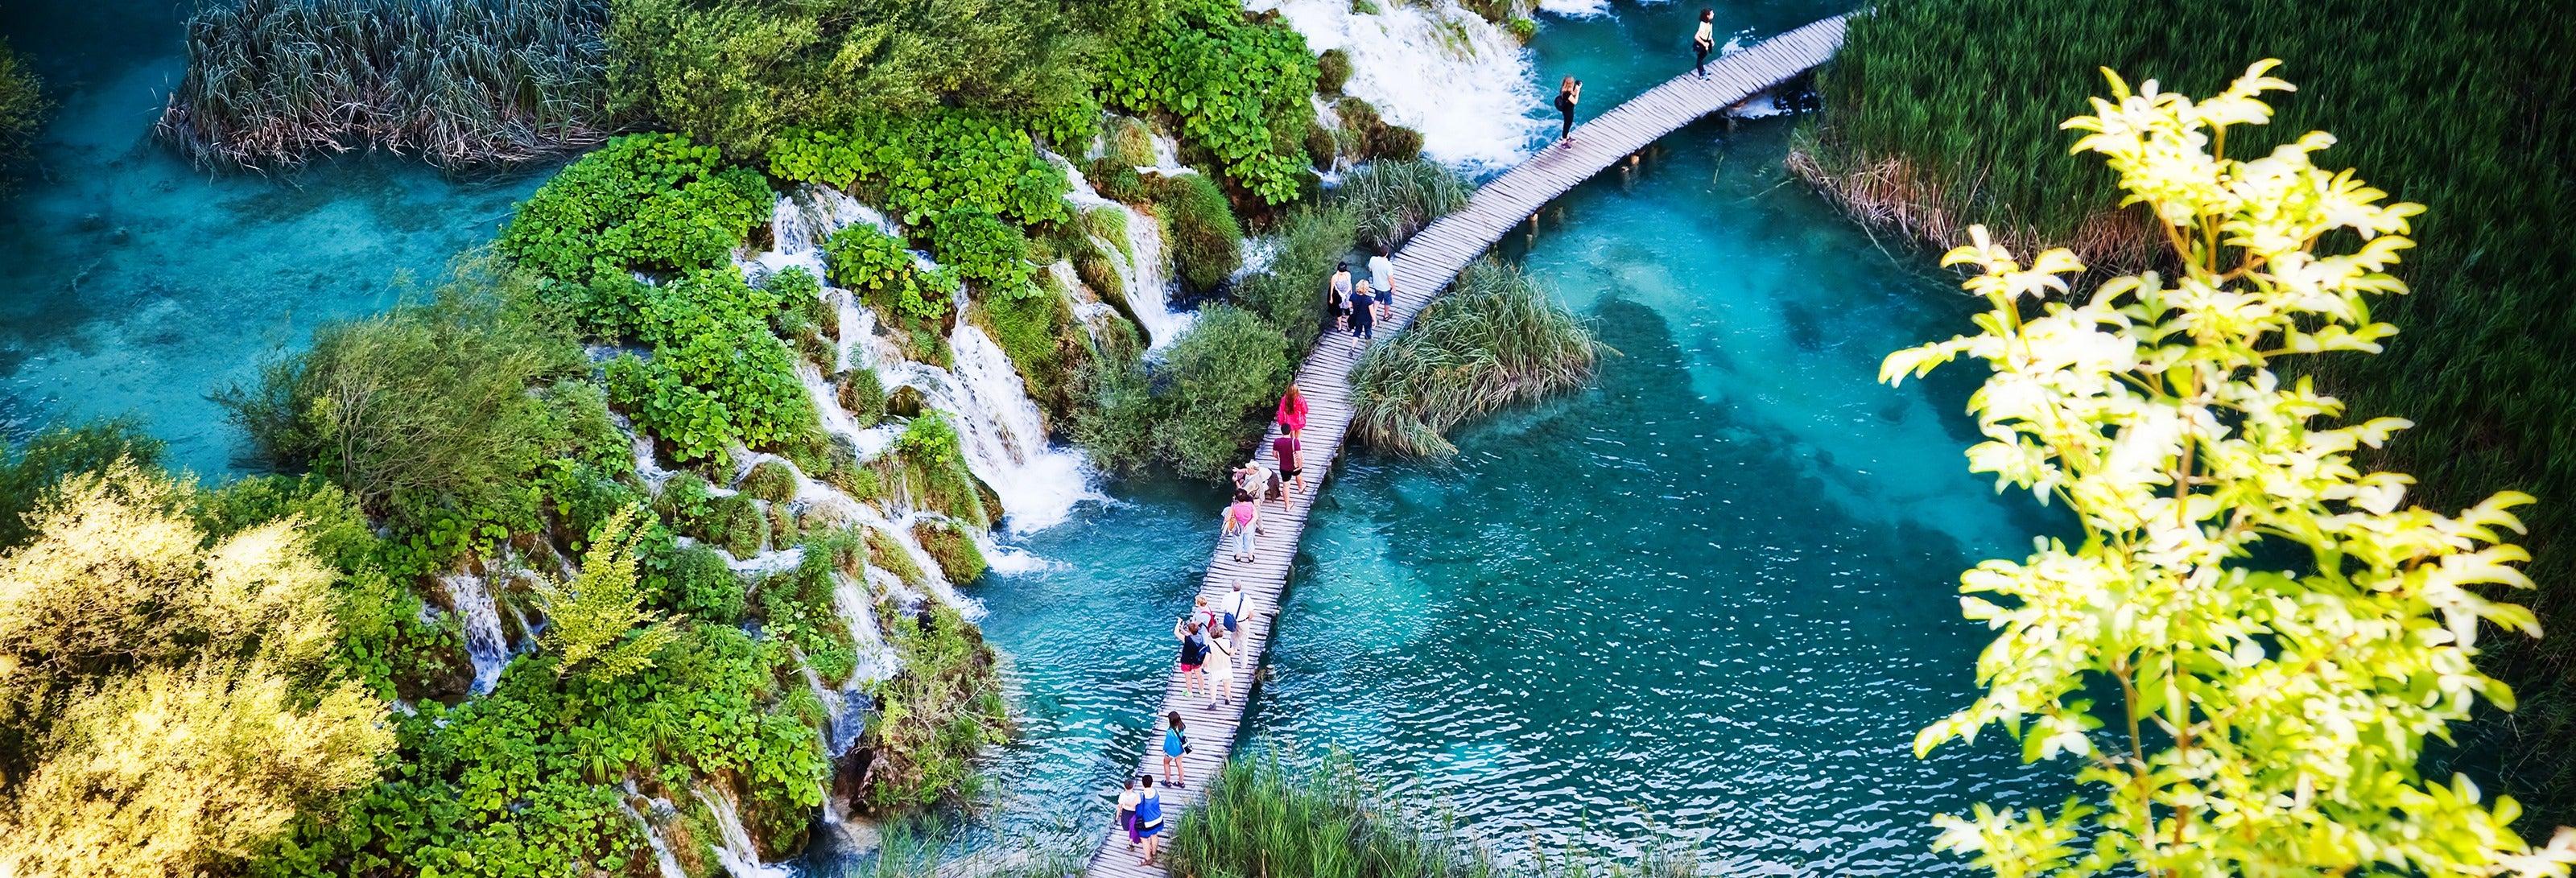 Plitvice Lakes Excursion